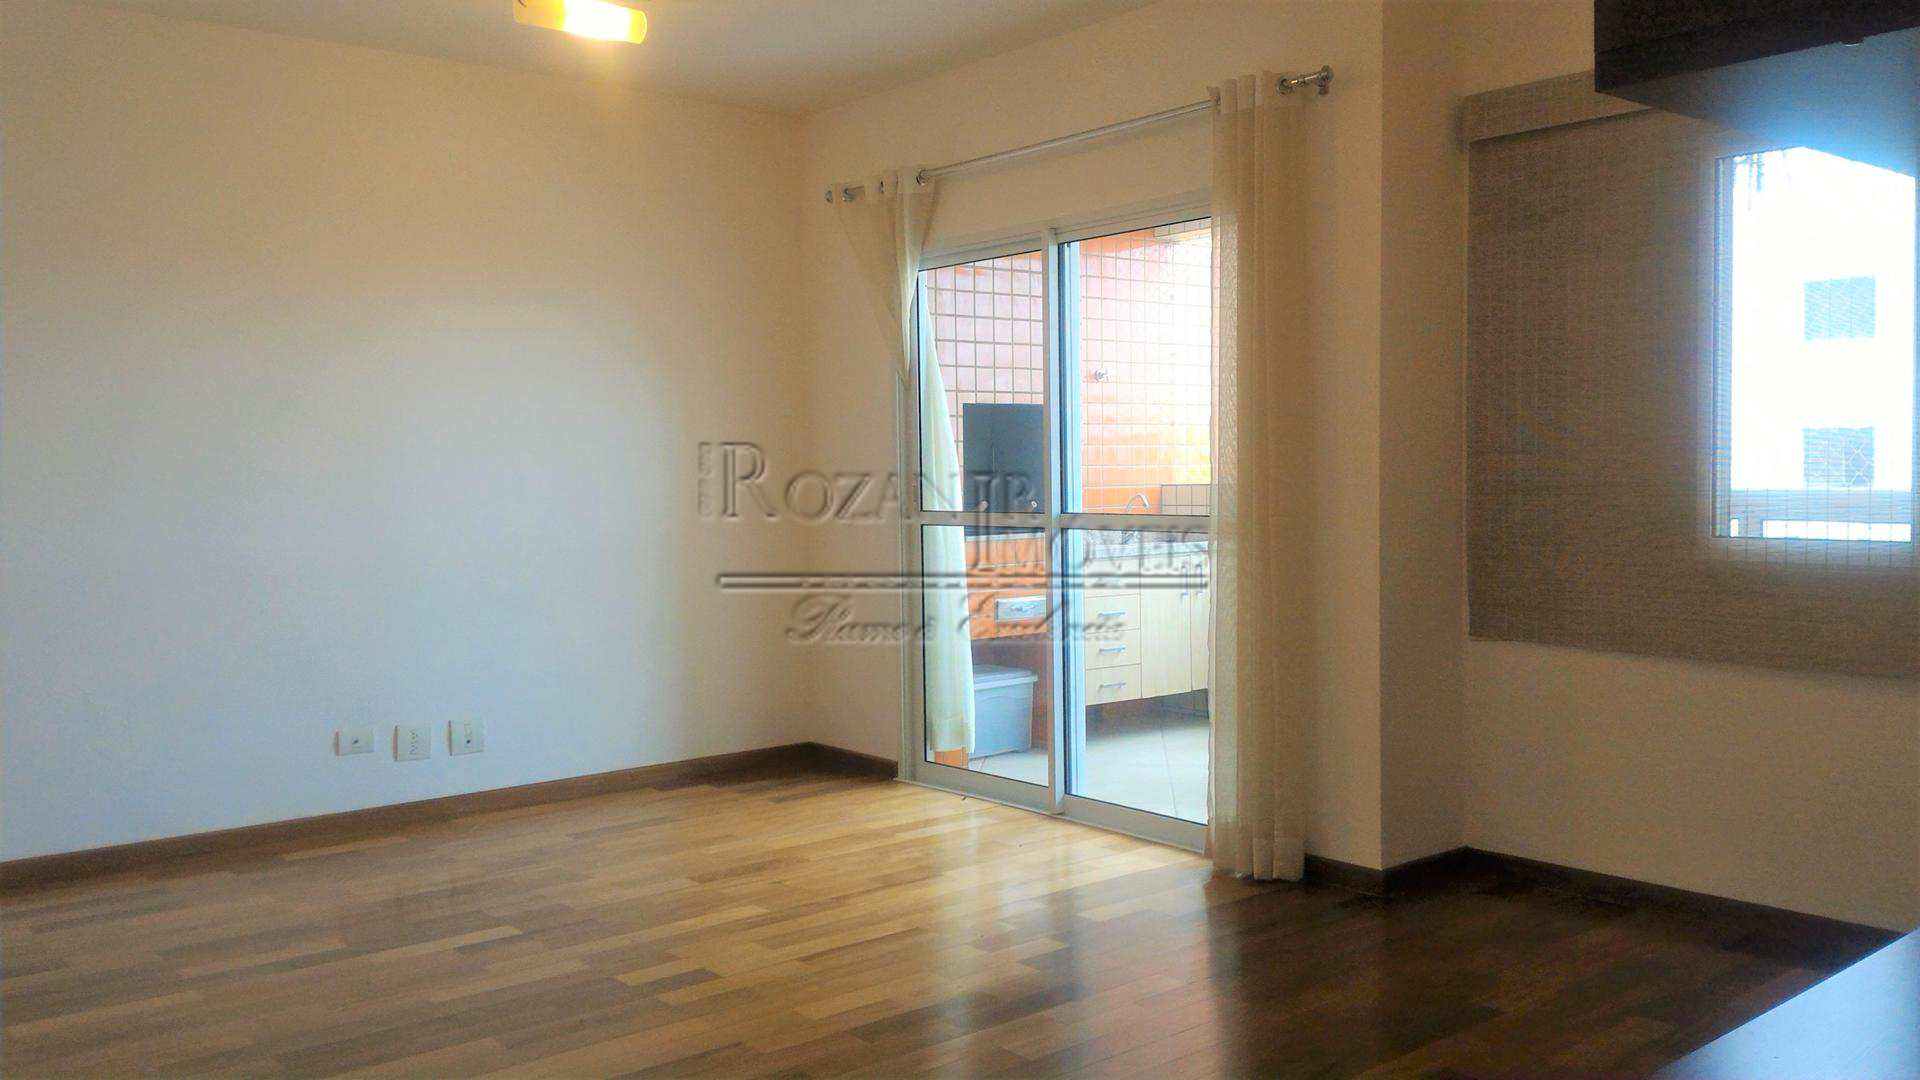 Apartamento com 3 dorms, Jardim do Mar, São Bernardo do Campo - R$ 645 mil, Cod: 3683